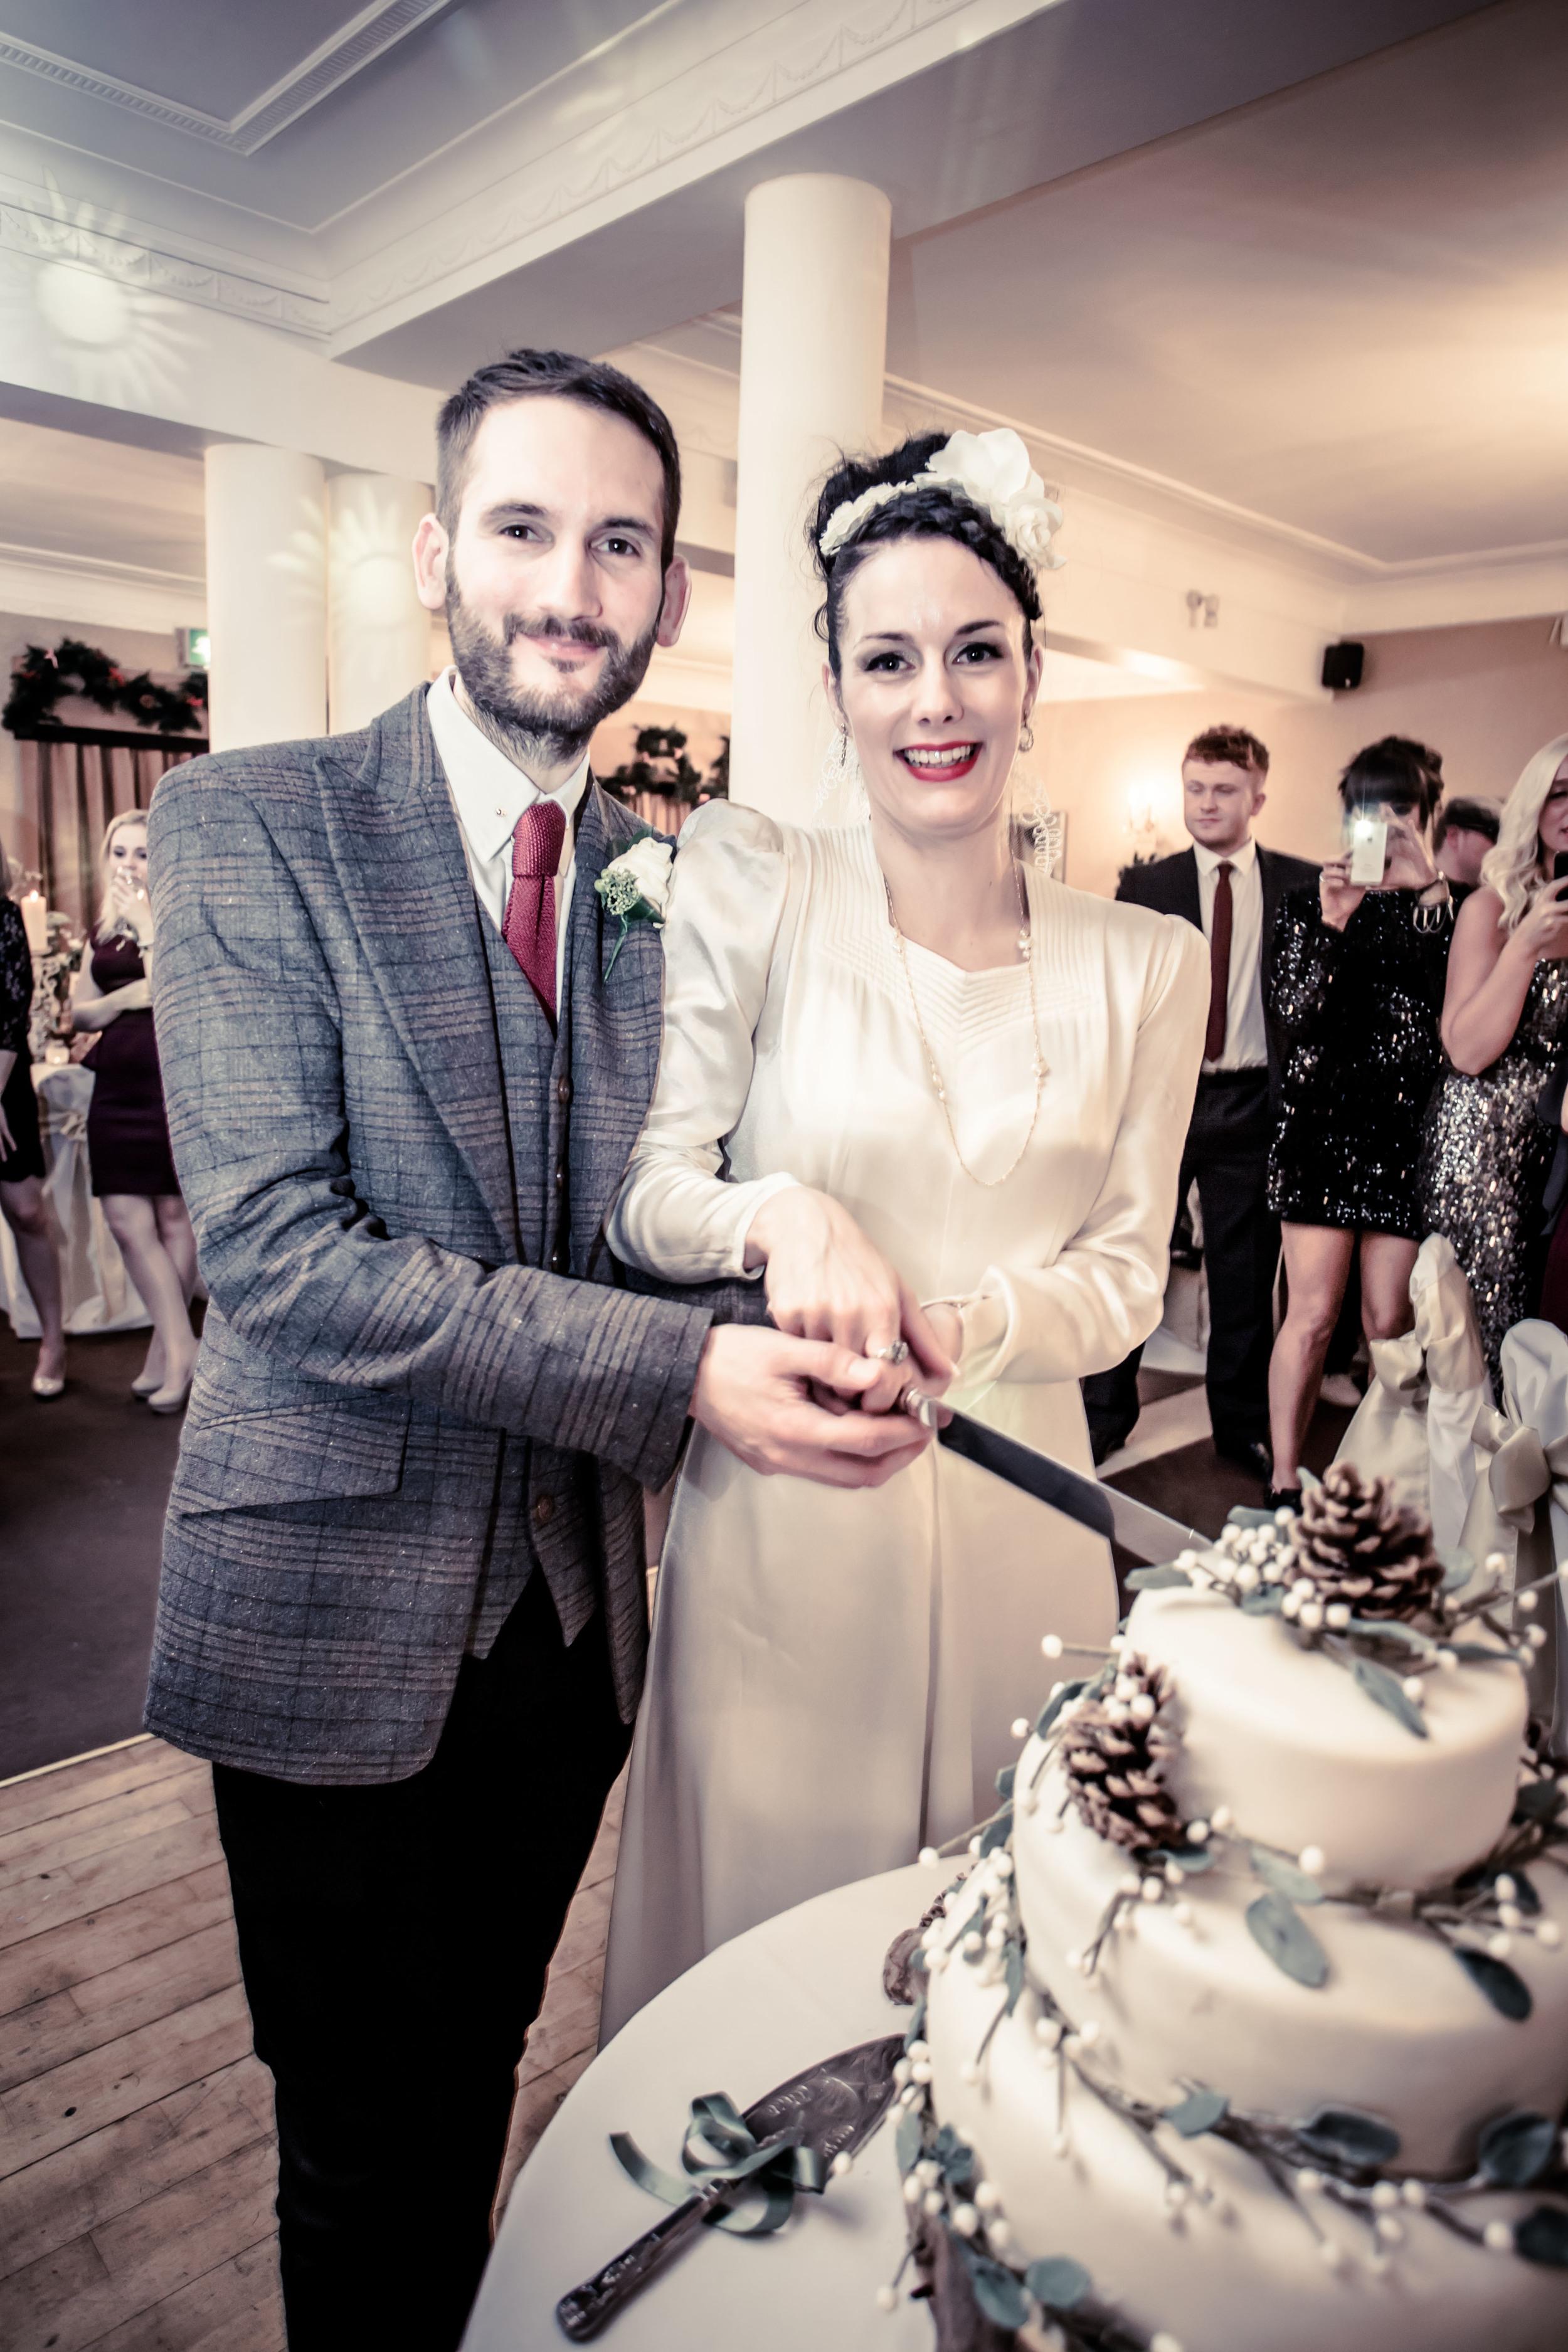 183 - Angela and Karls Wedding by www.markpugh.com -7222.jpg